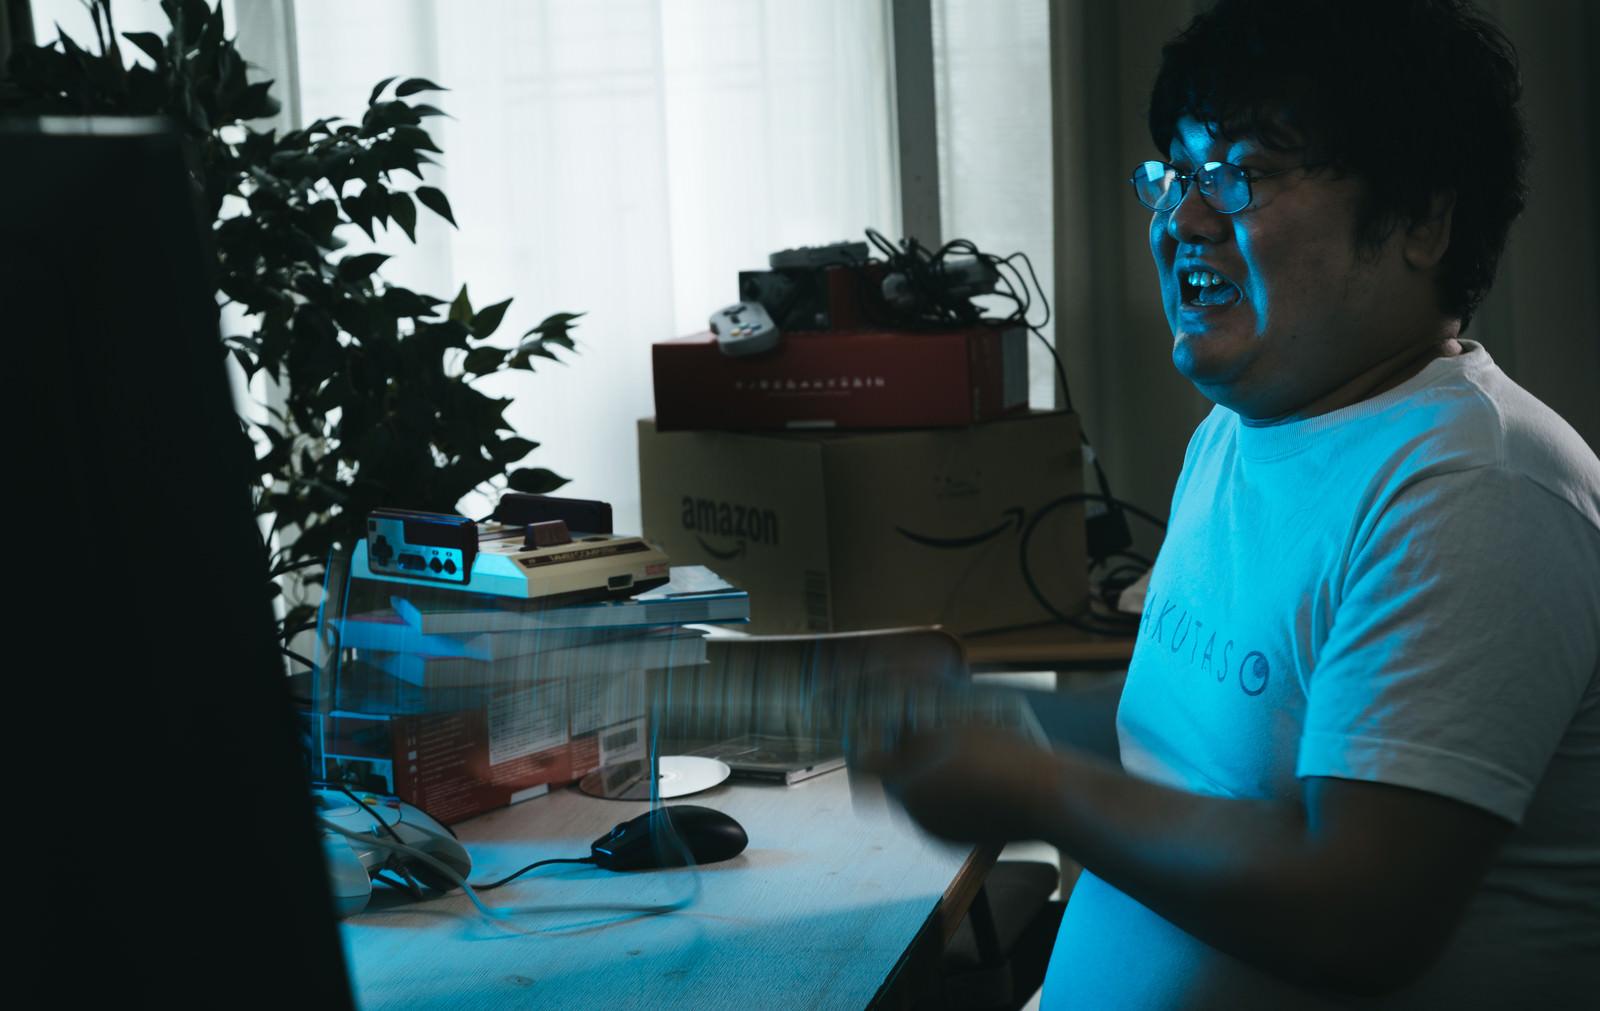 「自宅でリモート中にキレるエンジニアの様子自宅でリモート中にキレるエンジニアの様子」[モデル:段田隼人]のフリー写真素材を拡大